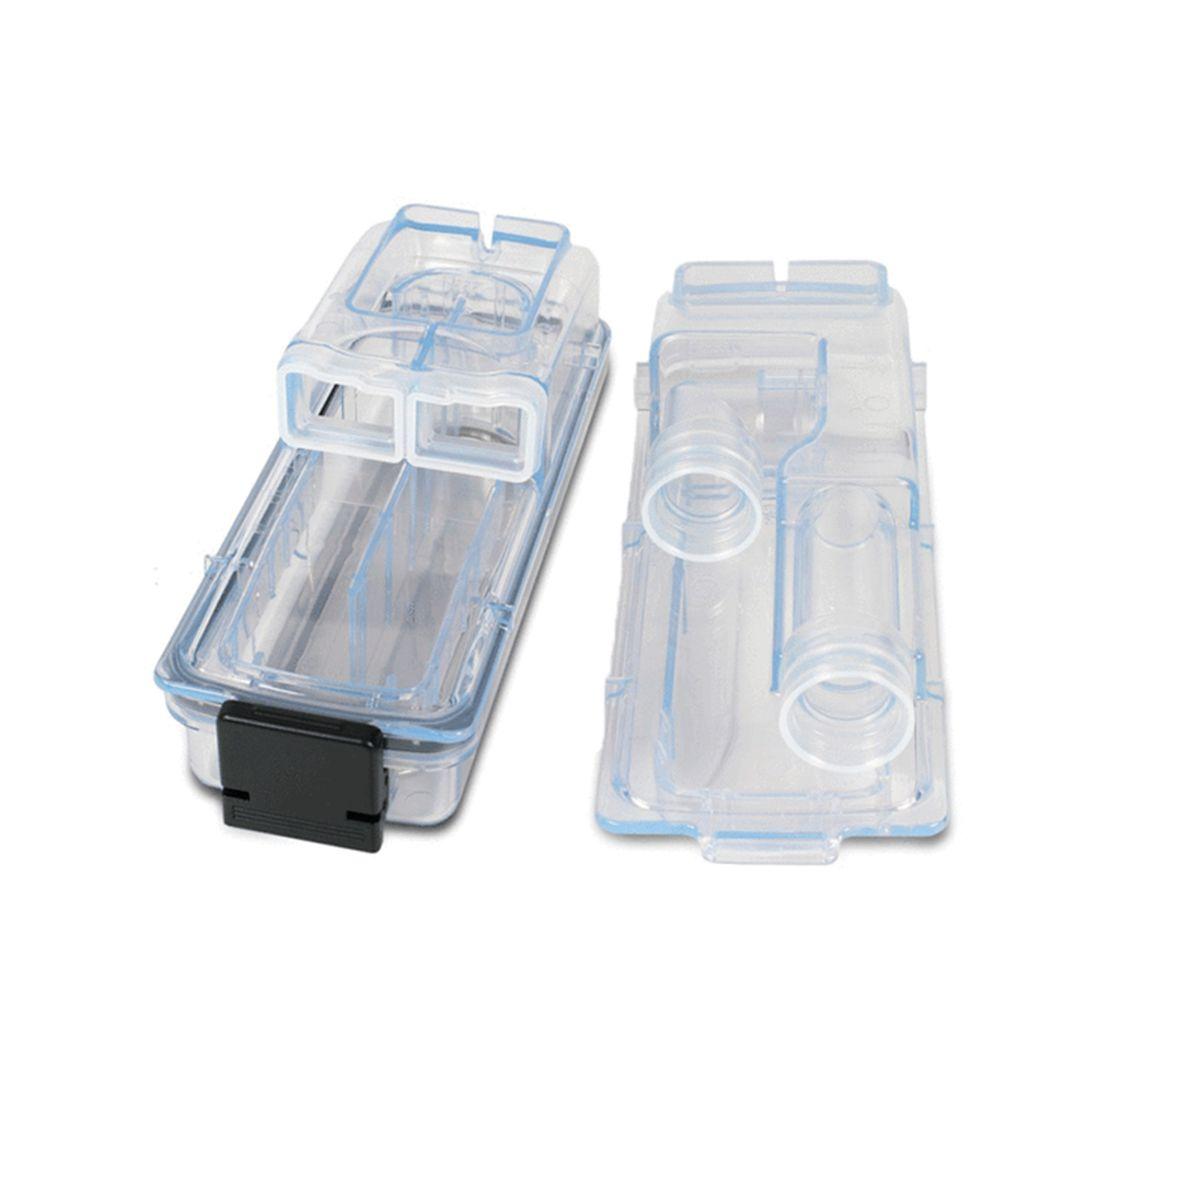 Reservatório de água Umidificador REMstar MSeries - Philips Respironics